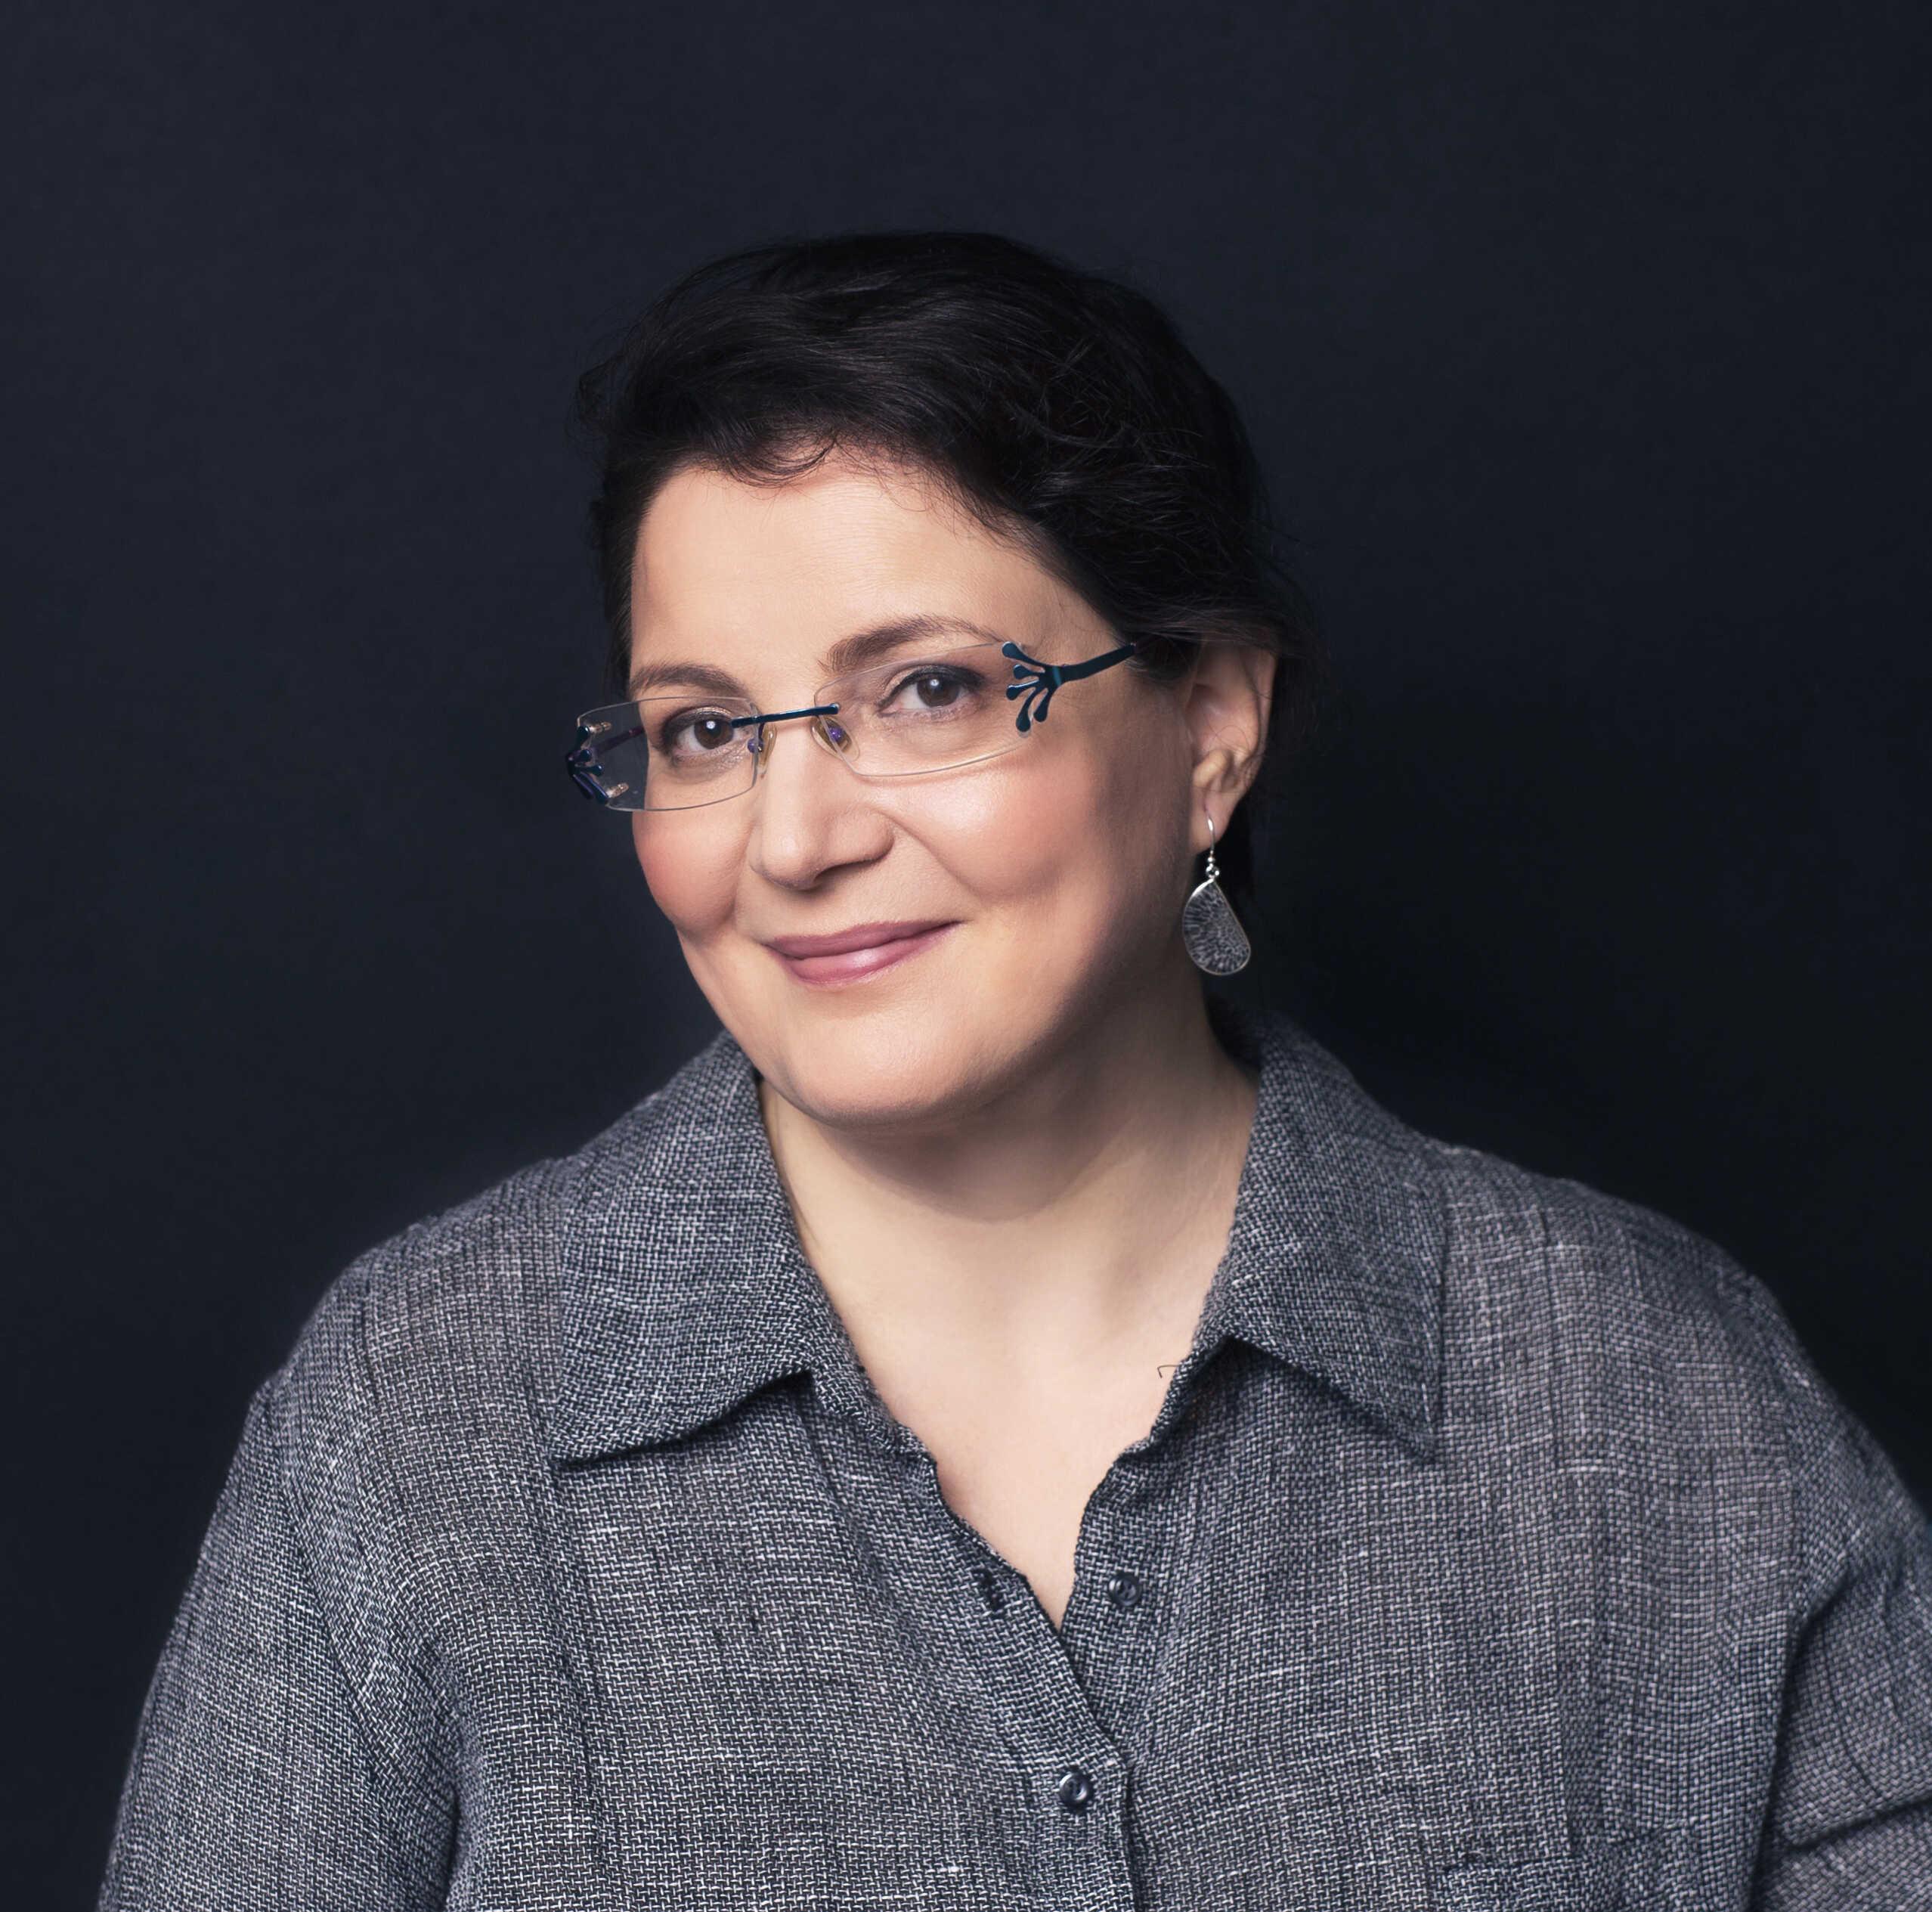 רונית ש' דינצמן | סופרת ומאיירת